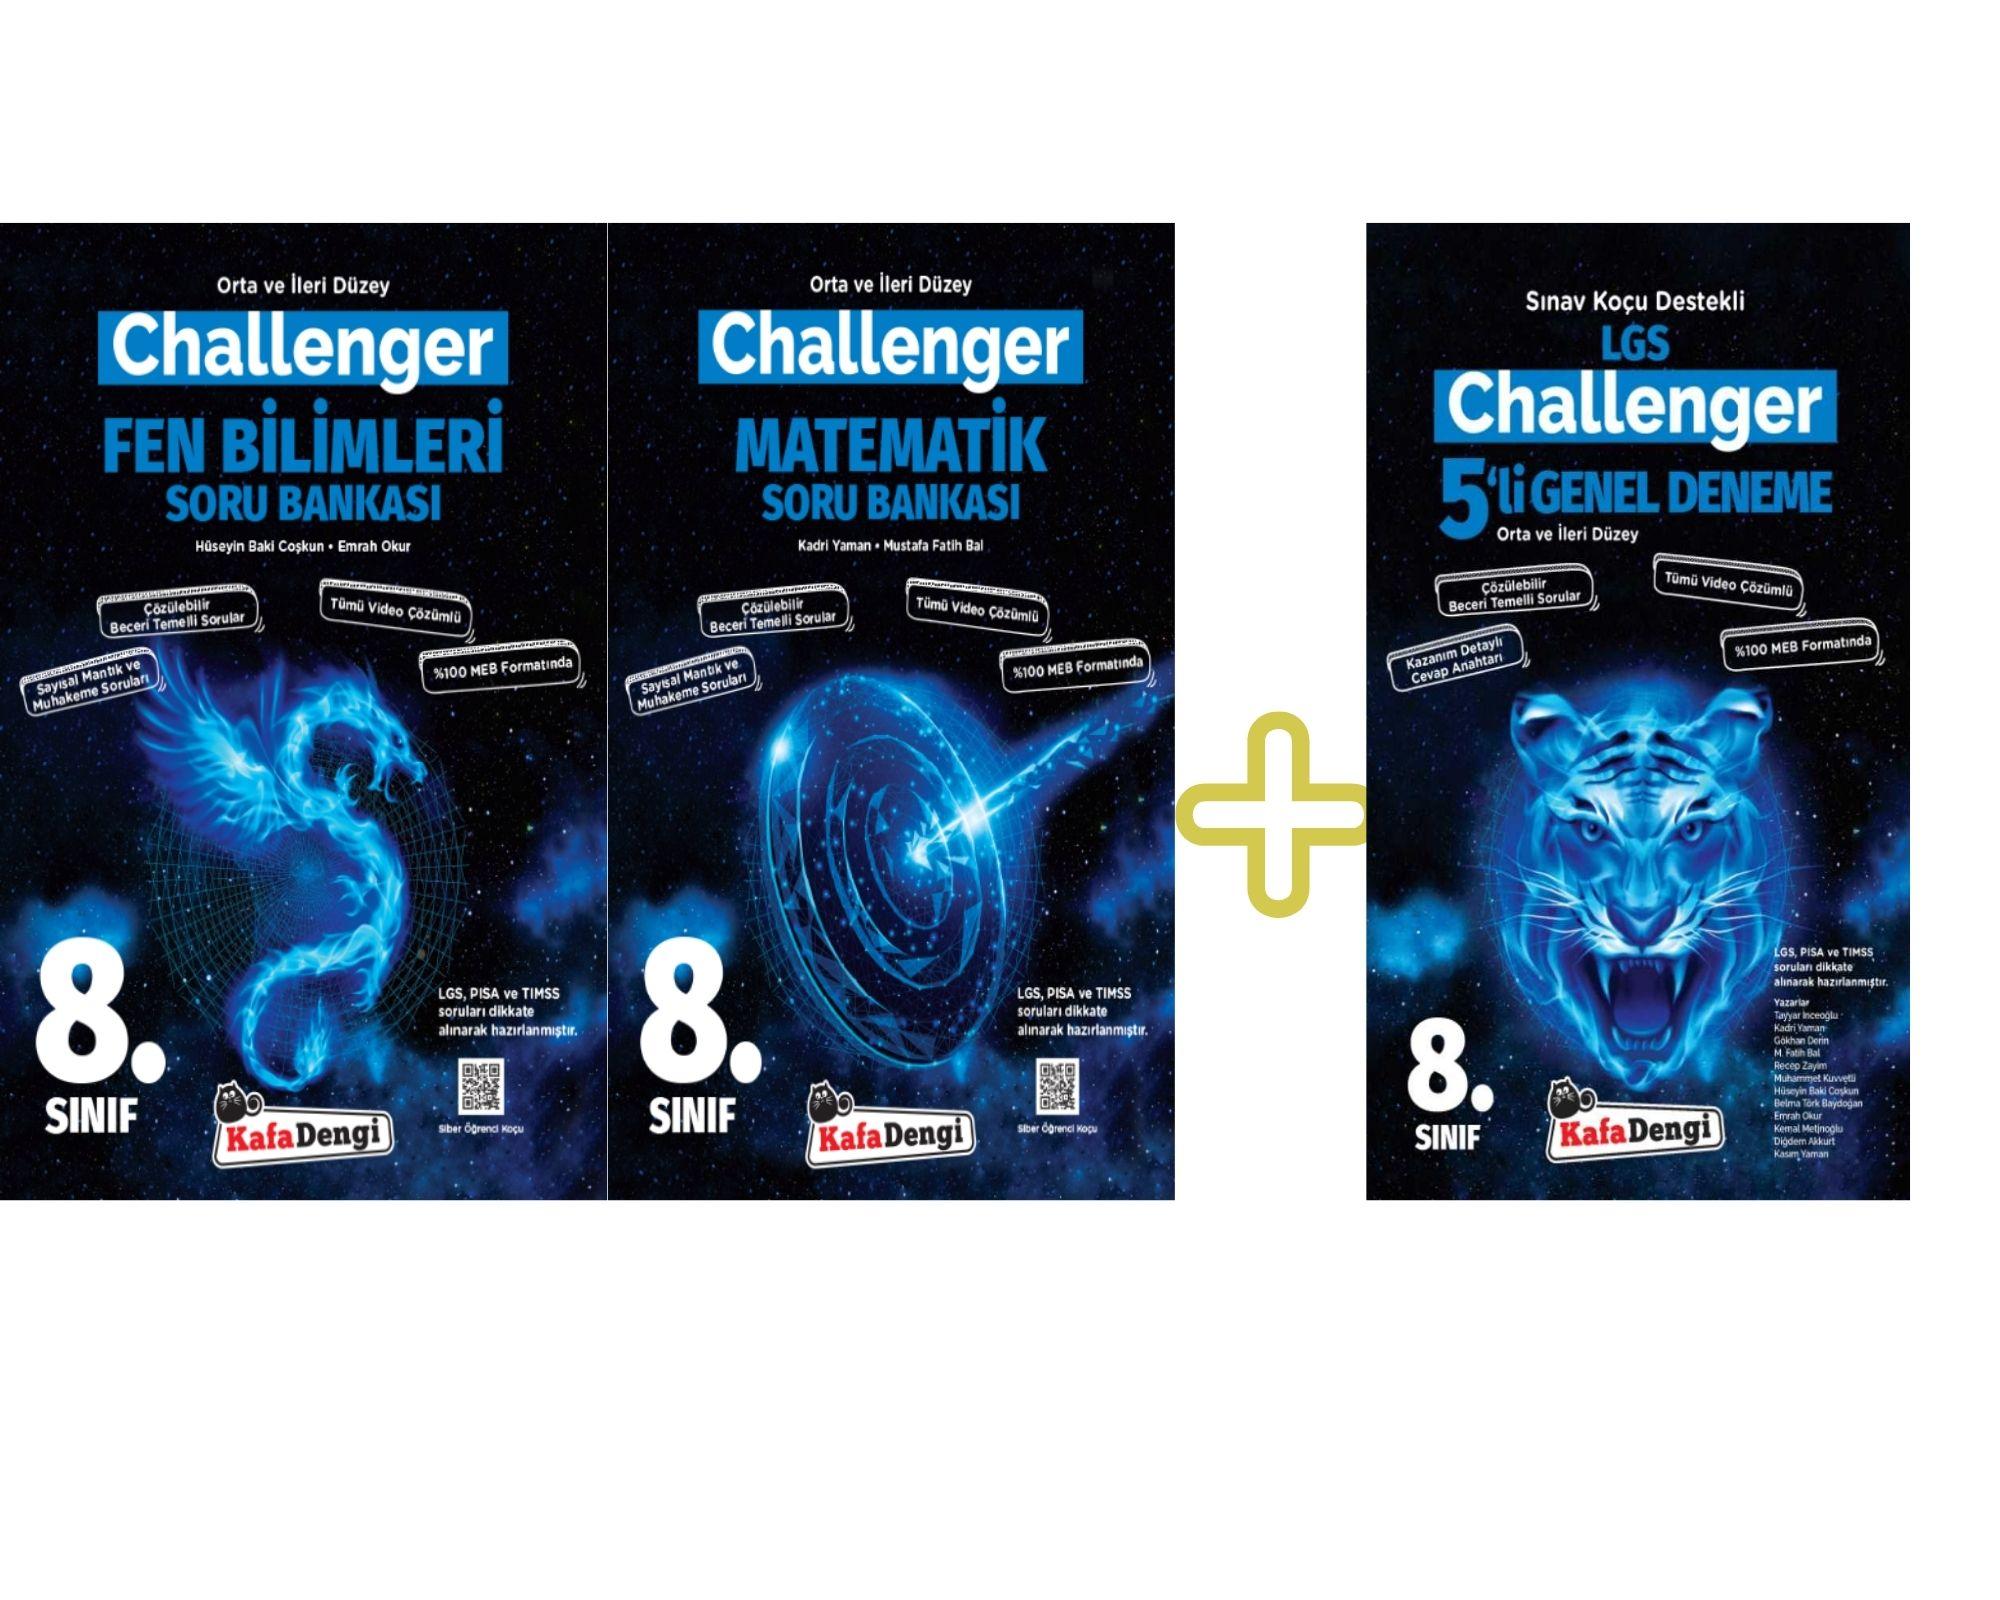 LGS KafaDengi 2 Adet Challenger Soru Bankası+1 Adet Challenger Genel Deneme Seti